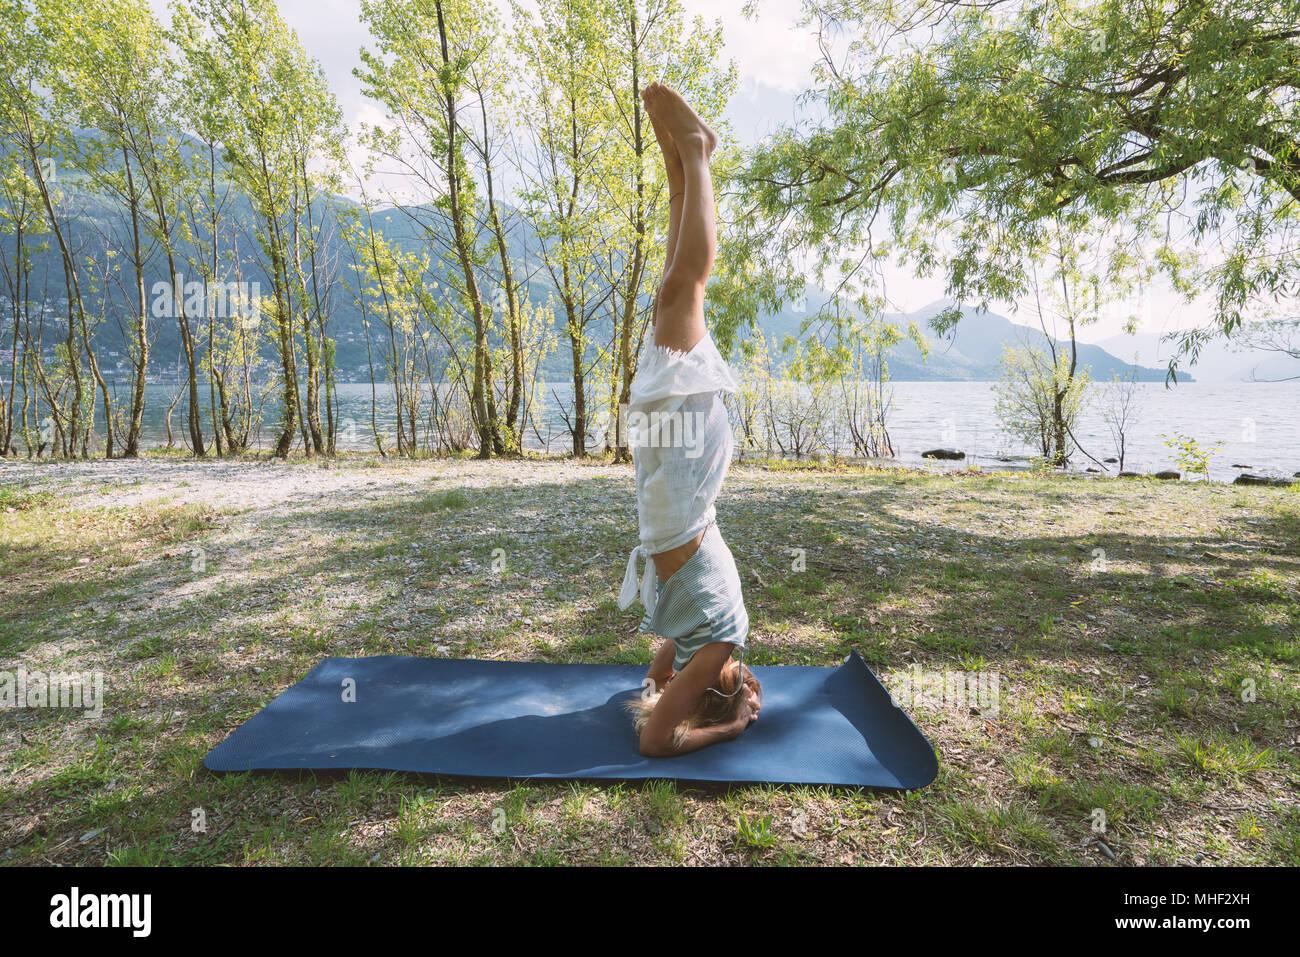 Giovane donna esercizio di yoga in riva al lago e montagne, girato in Canton Ticino, Svizzera, Europa. Persone relax benessere concept Immagini Stock